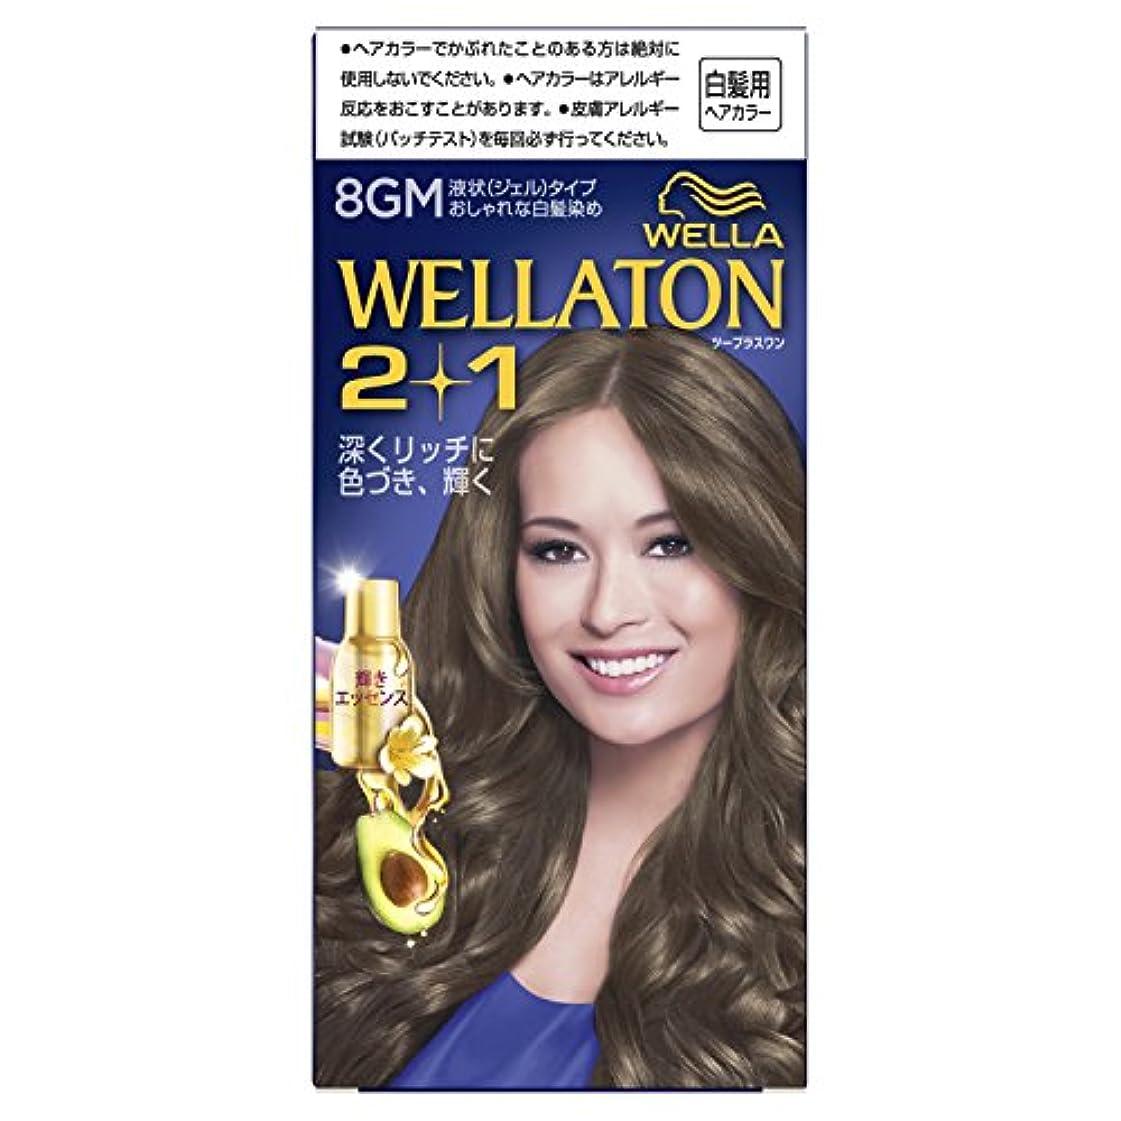 不愉快一お肉ウエラトーン2+1 液状タイプ 8GM [医薬部外品](おしゃれな白髪染め)